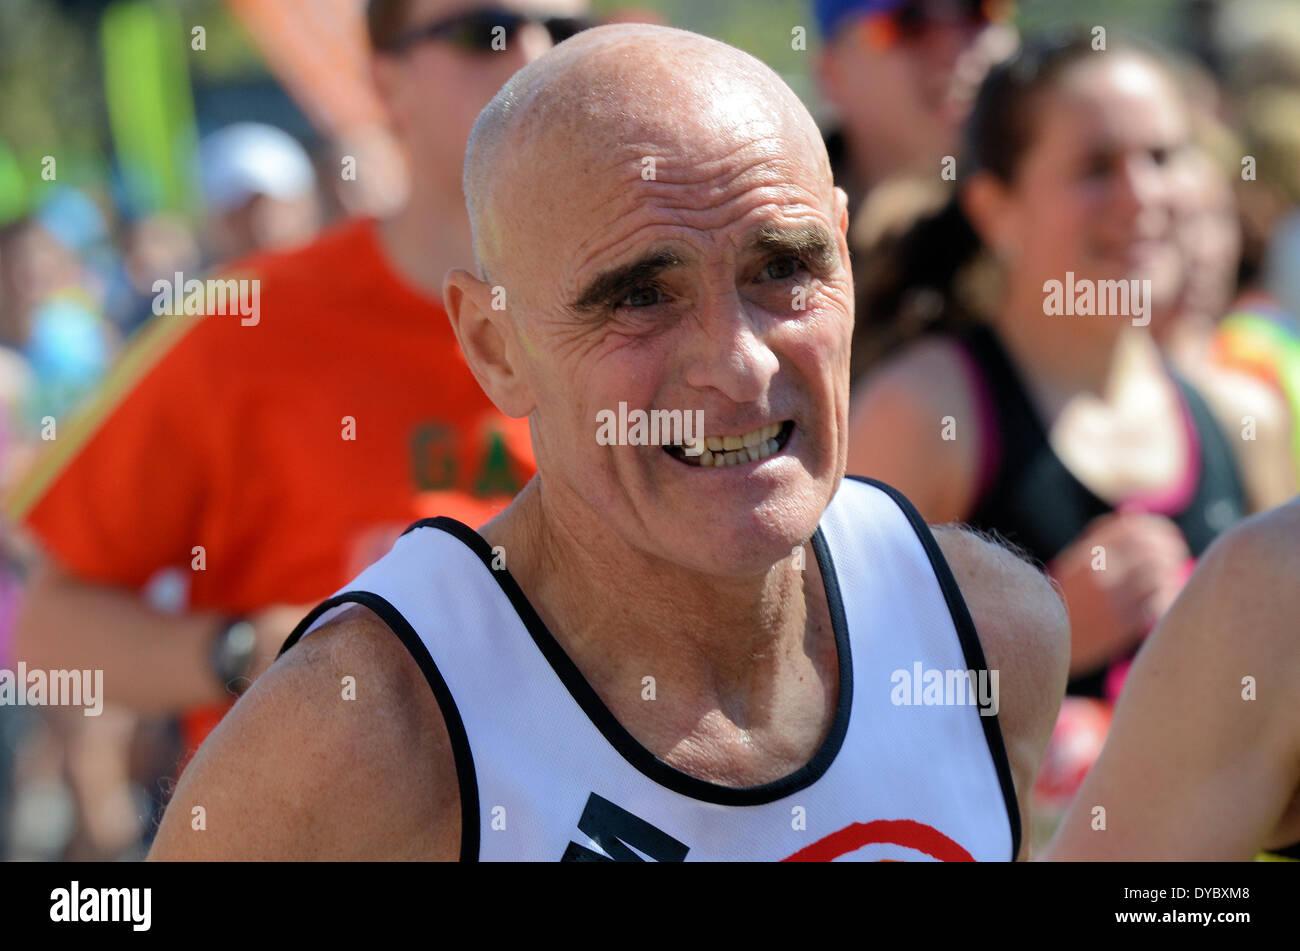 The London Marathon, London, UK - 13 April 2014. - Stock Image